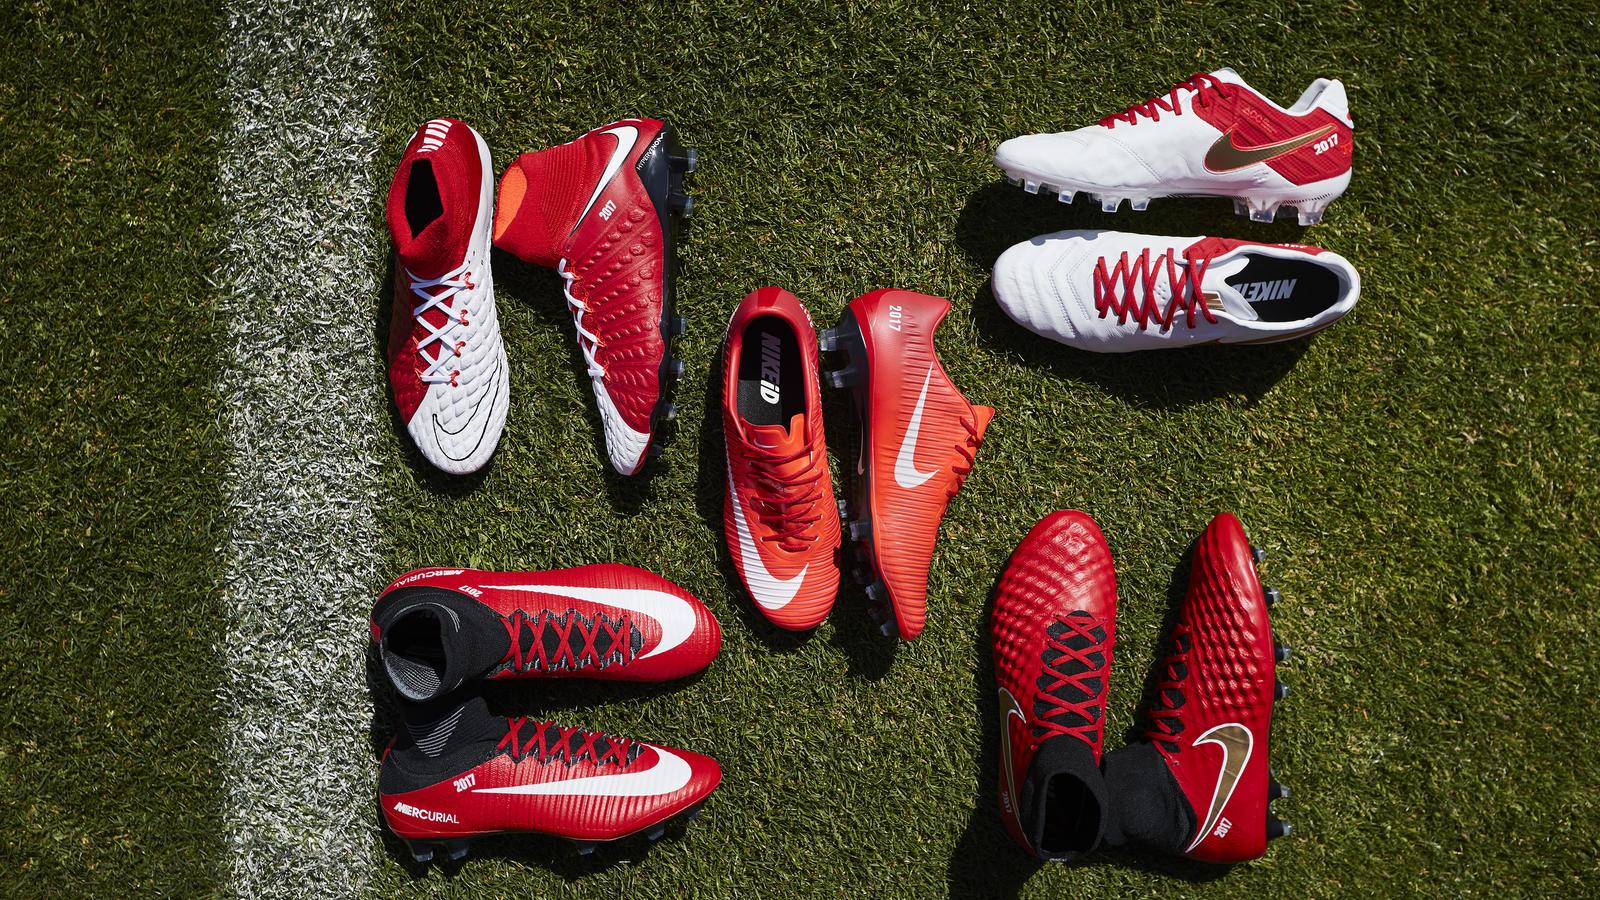 Nike iD X AS Monaco